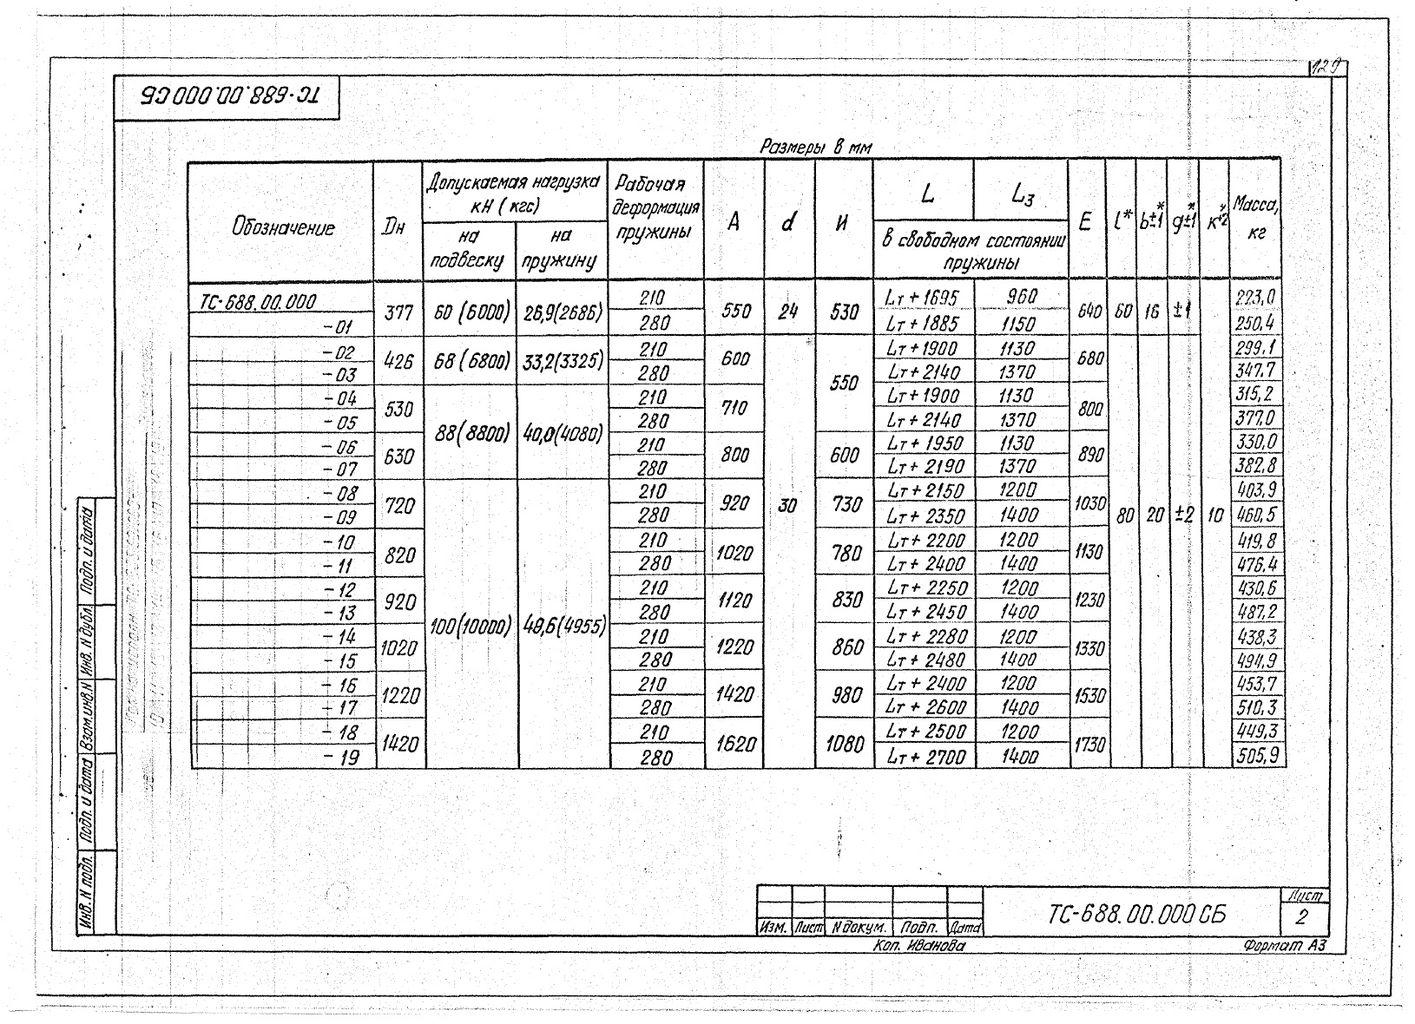 Подвески пружинные для горизонтальных трубопроводов Дн 377-1420 мм ТС-688.00.000 СБ серия 5.903-13 выпуск 6-95 стр.2